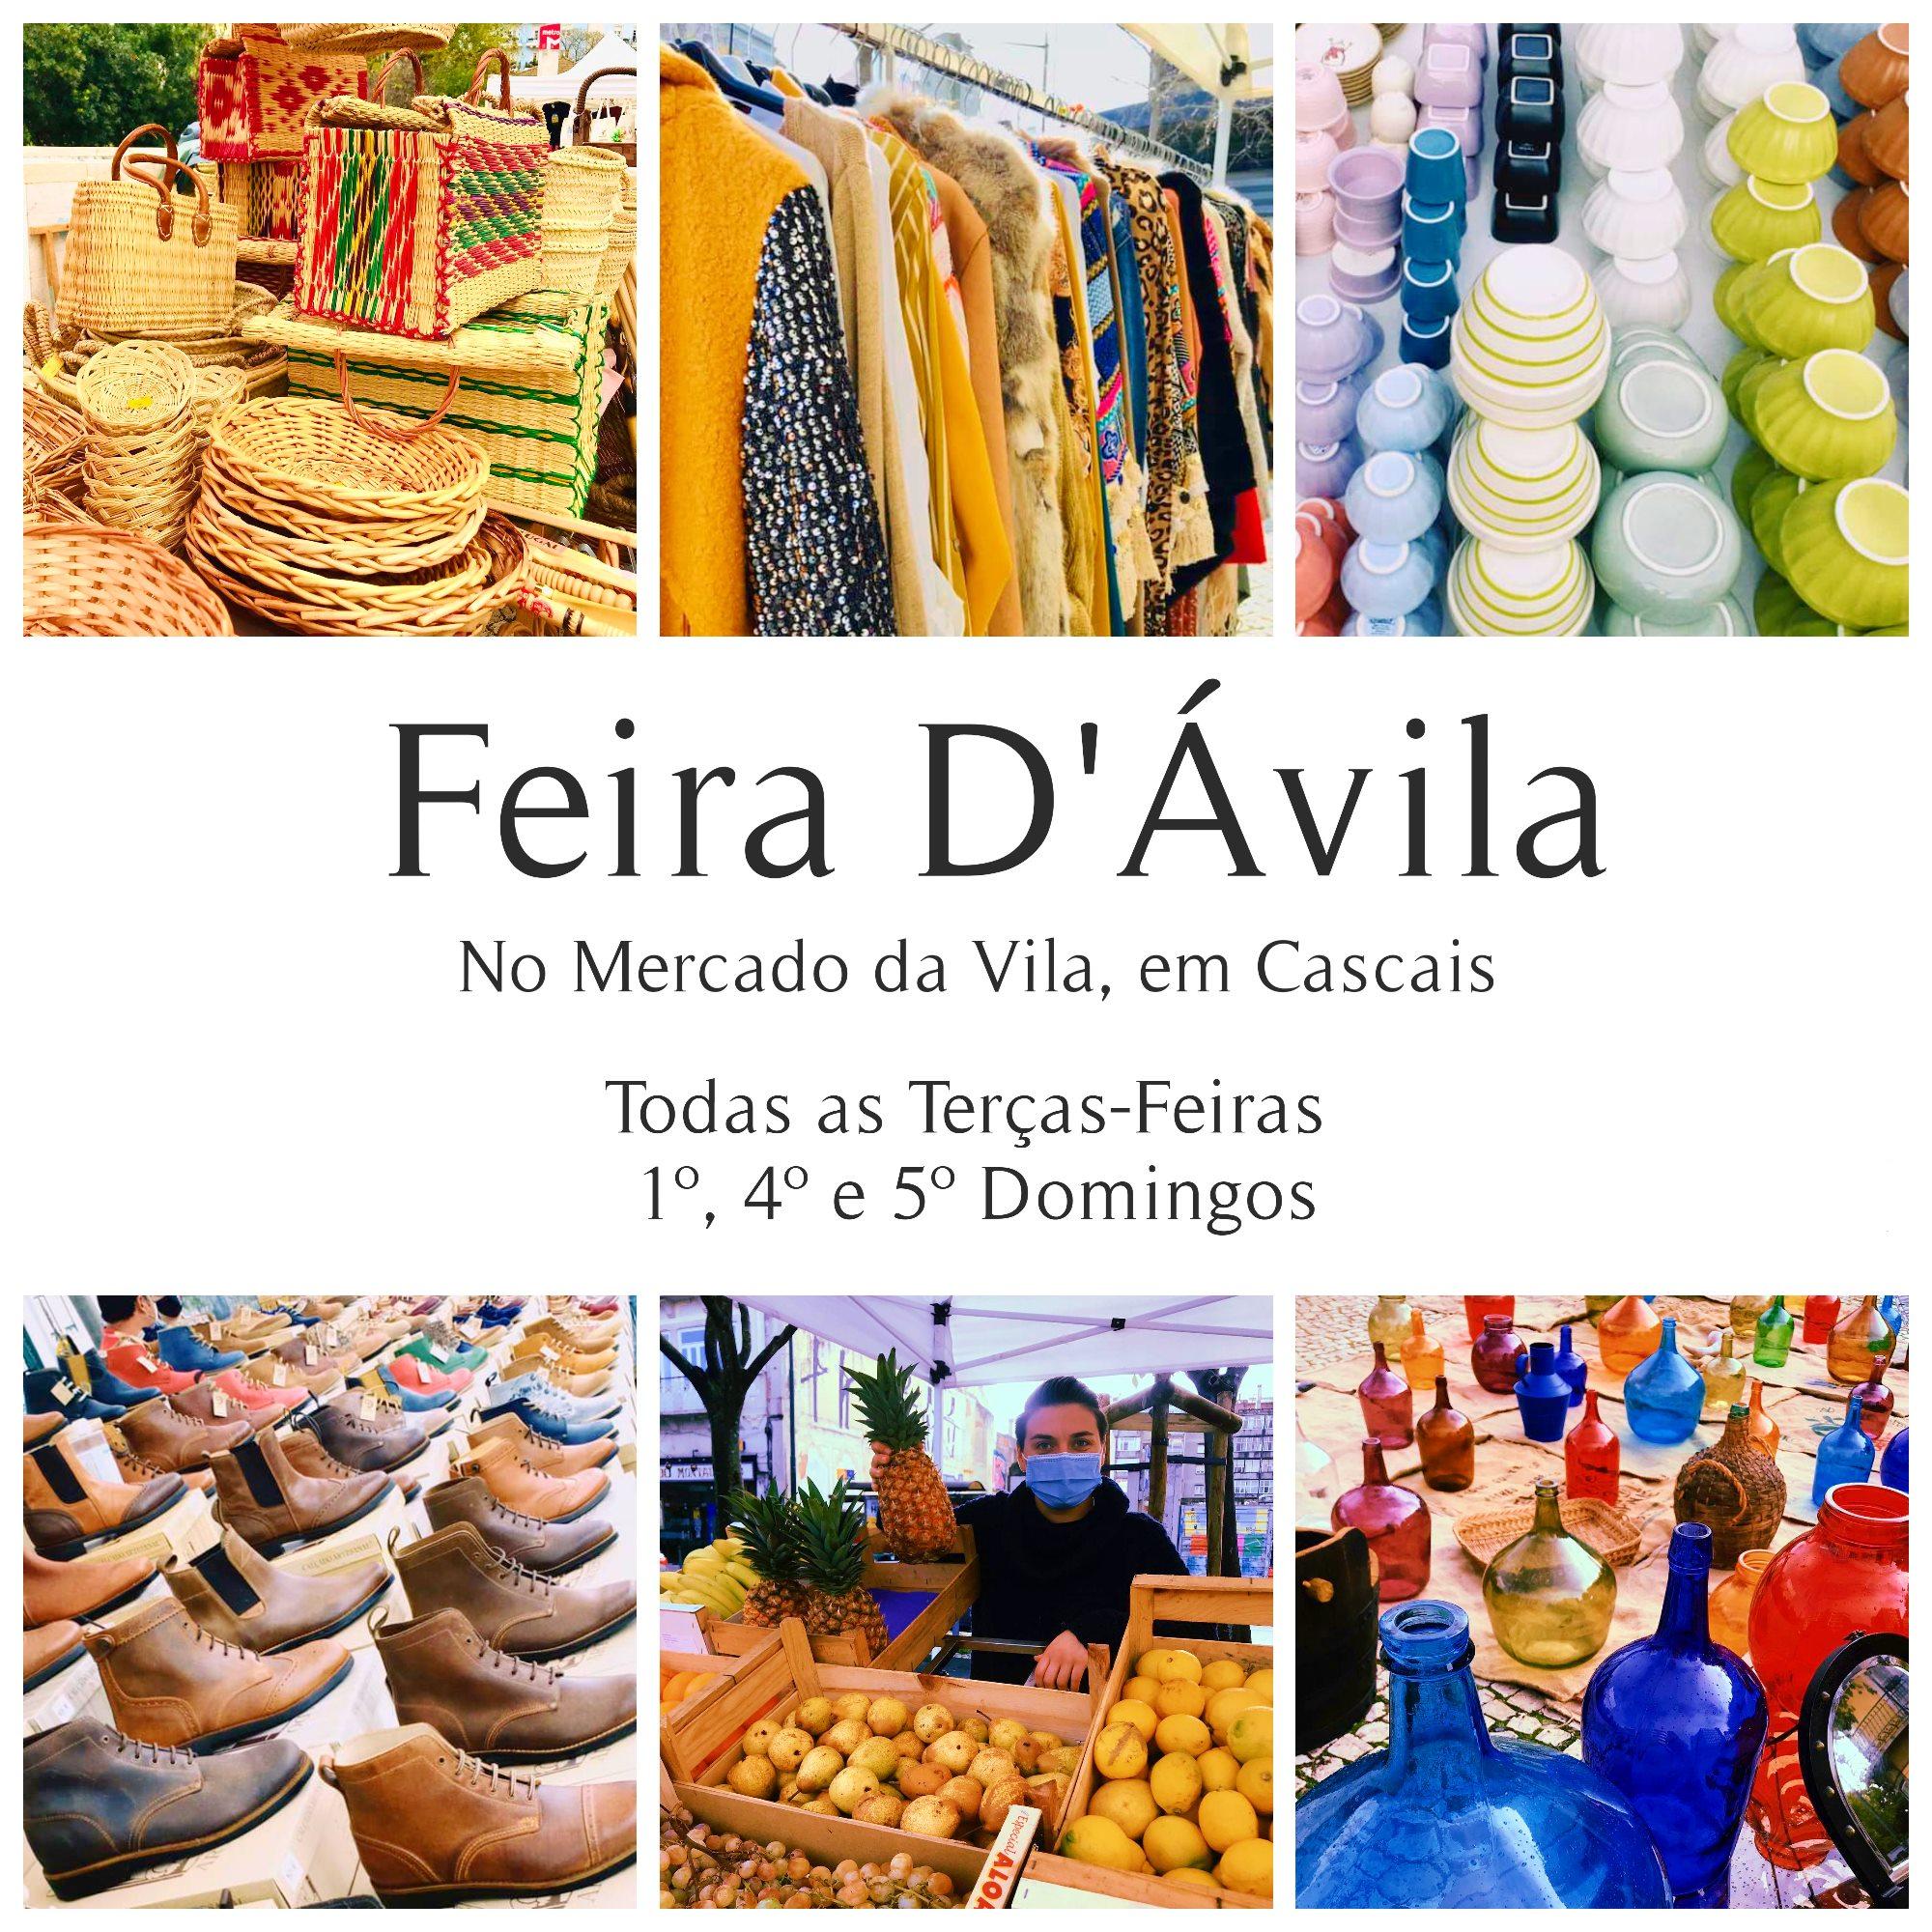 Feira D'Ávila no Mercado da Vila, em Cascais